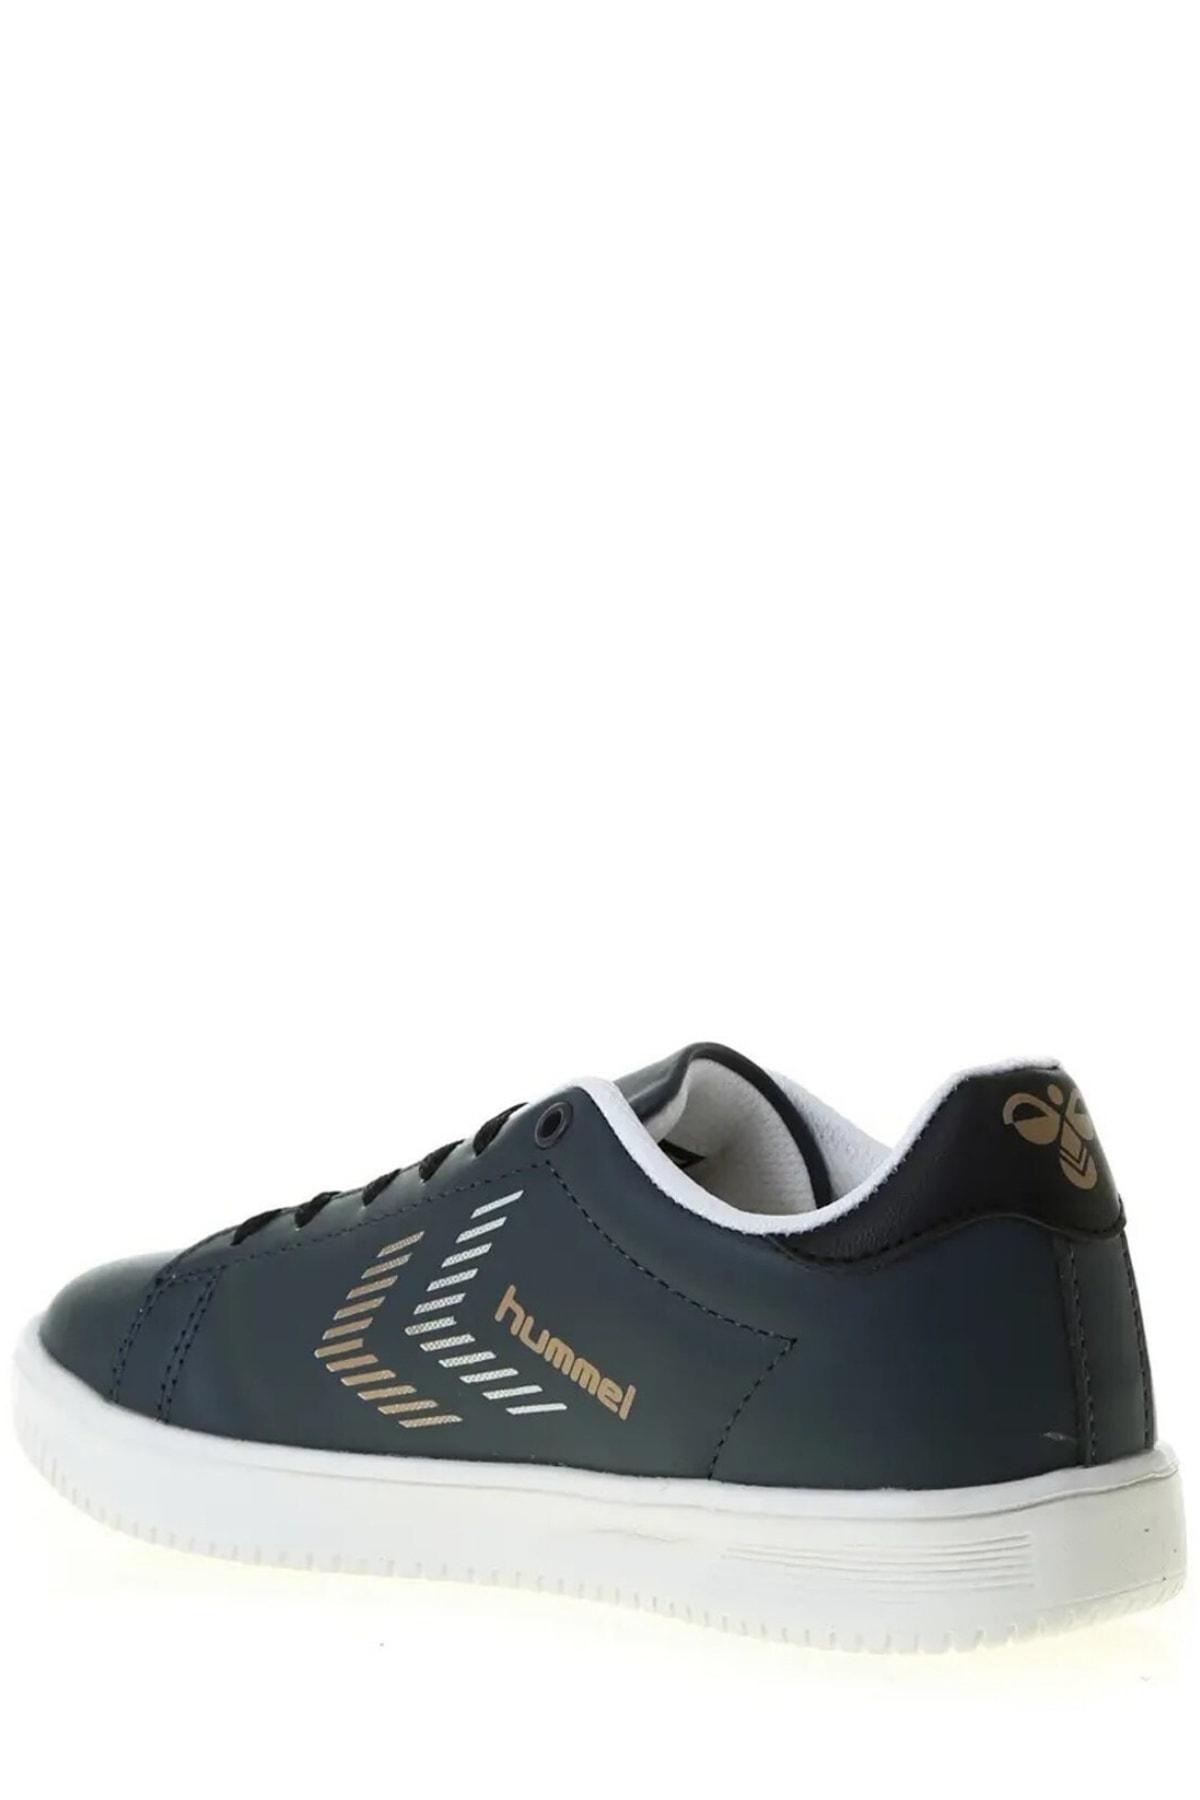 HUMMEL Vıborg Smu Kadın-erkek Ayakkabı 212150-7487 2